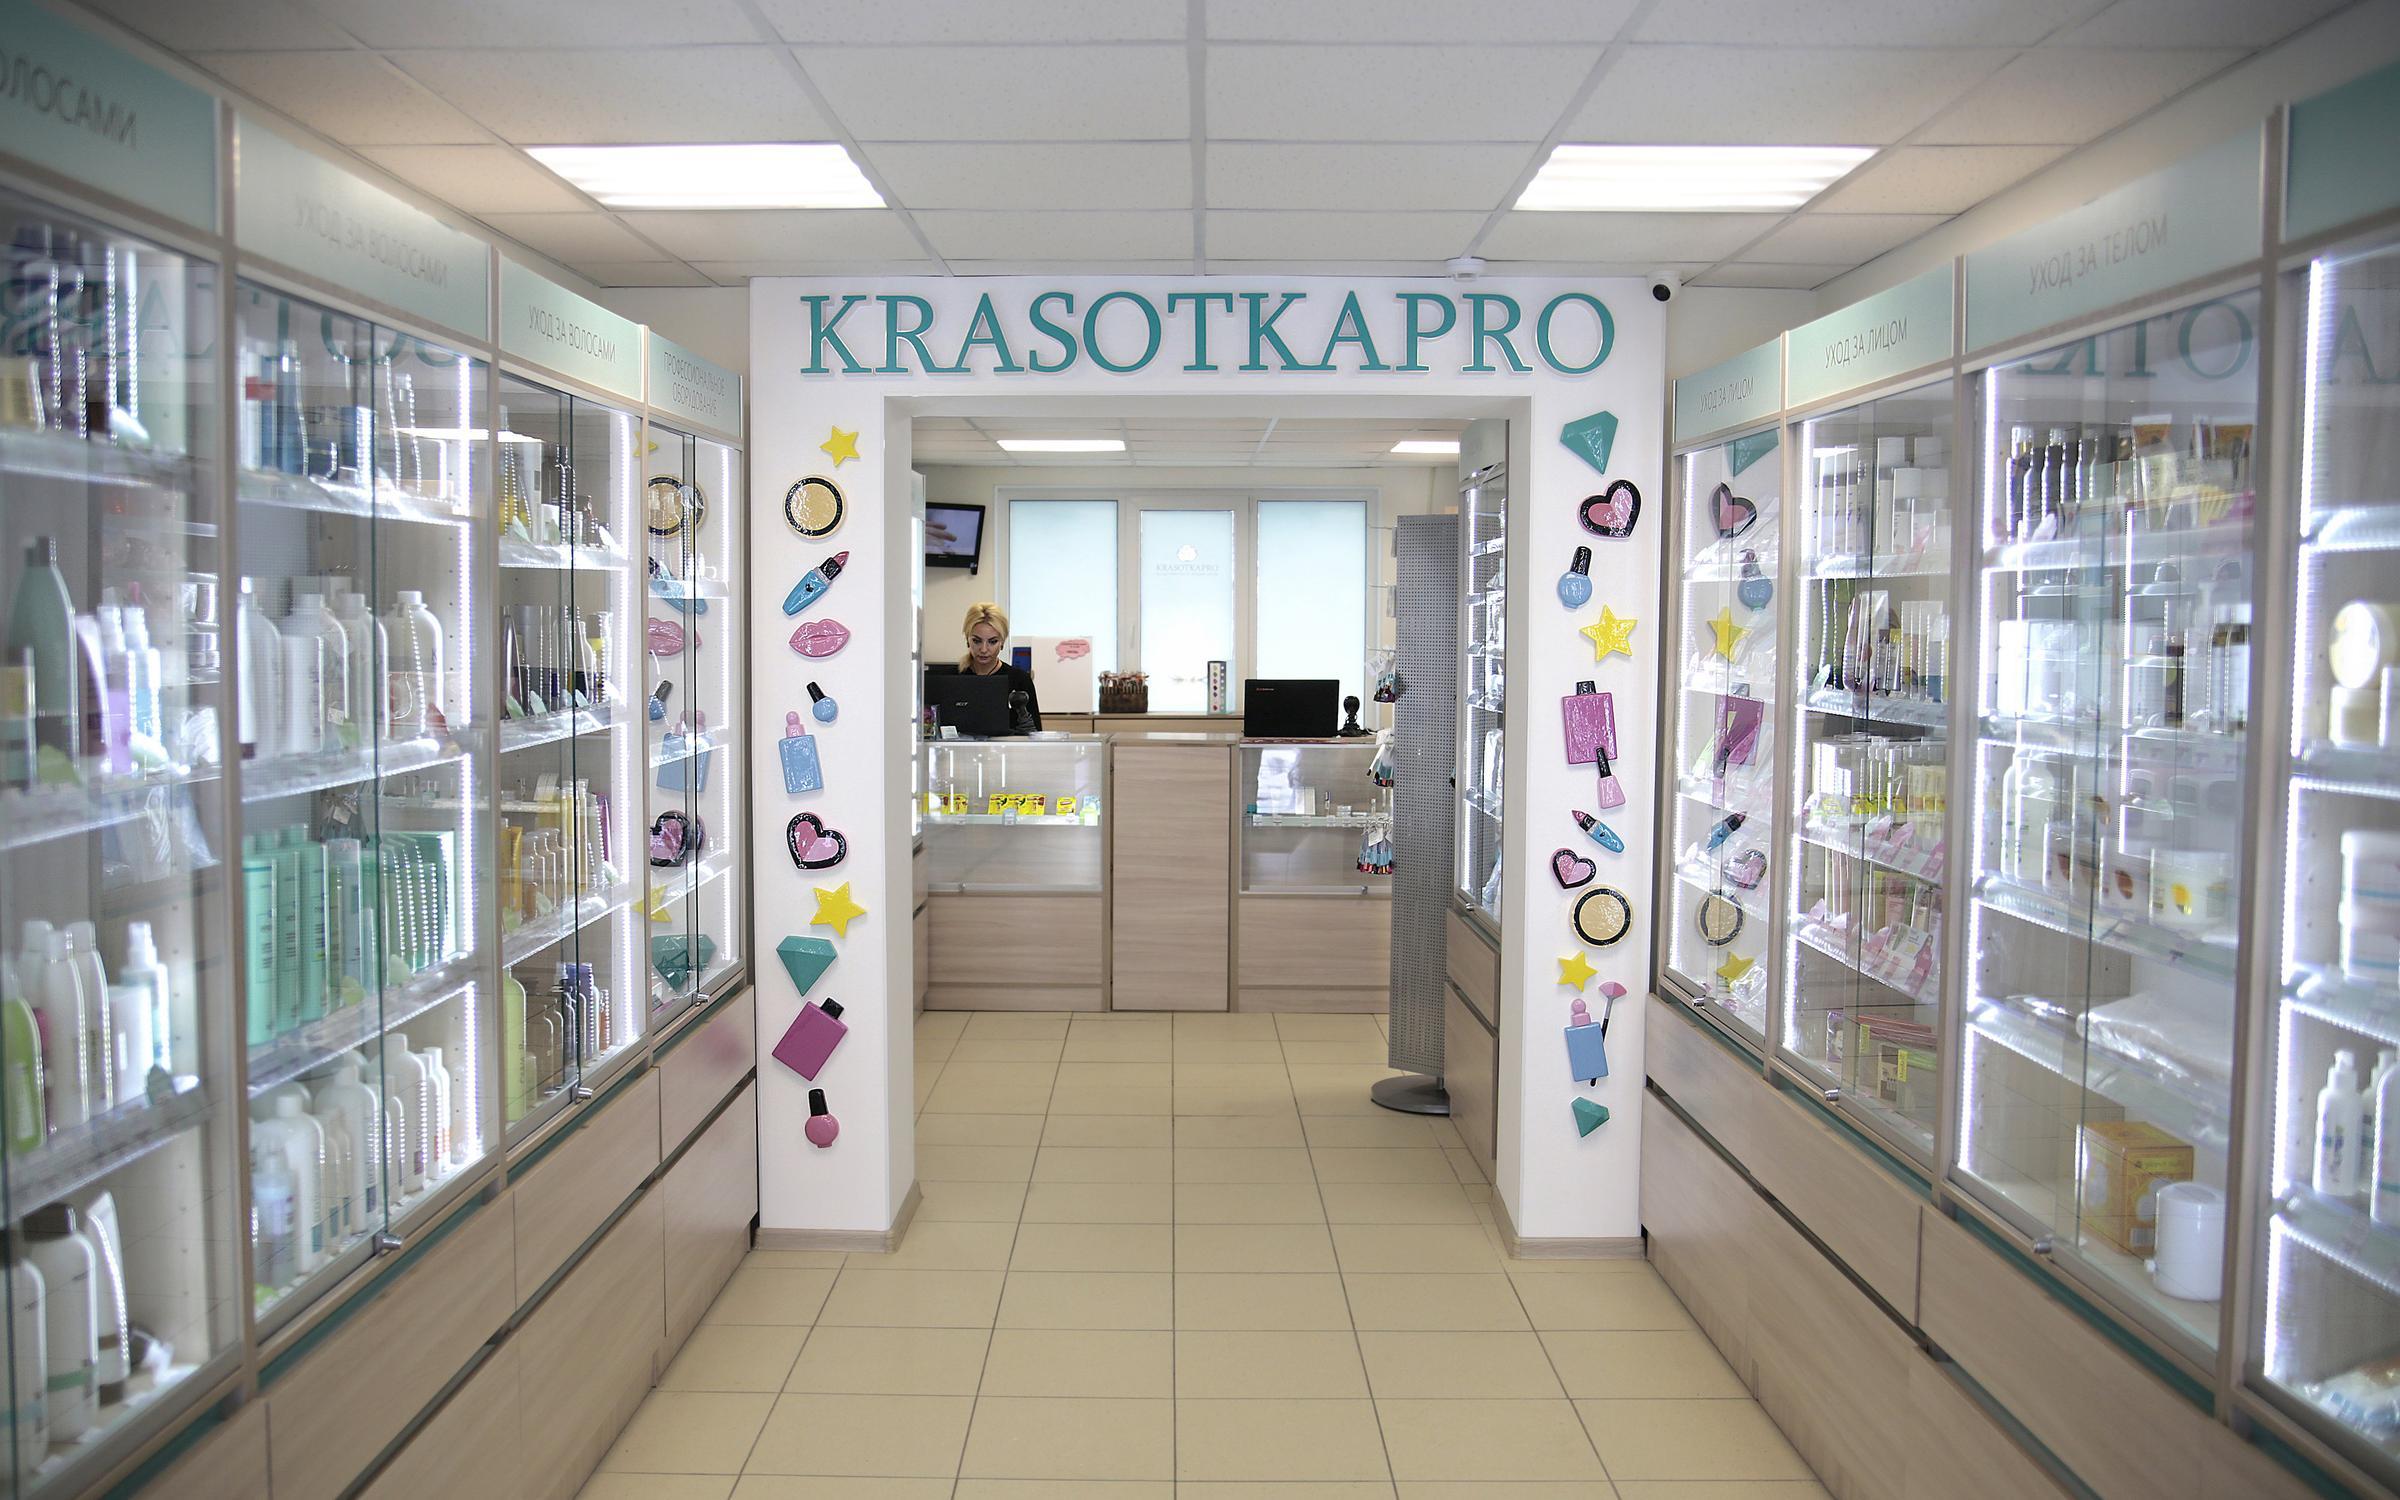 фотография Интернет-магазина косметики Krasotkapro.ru на метро Перово